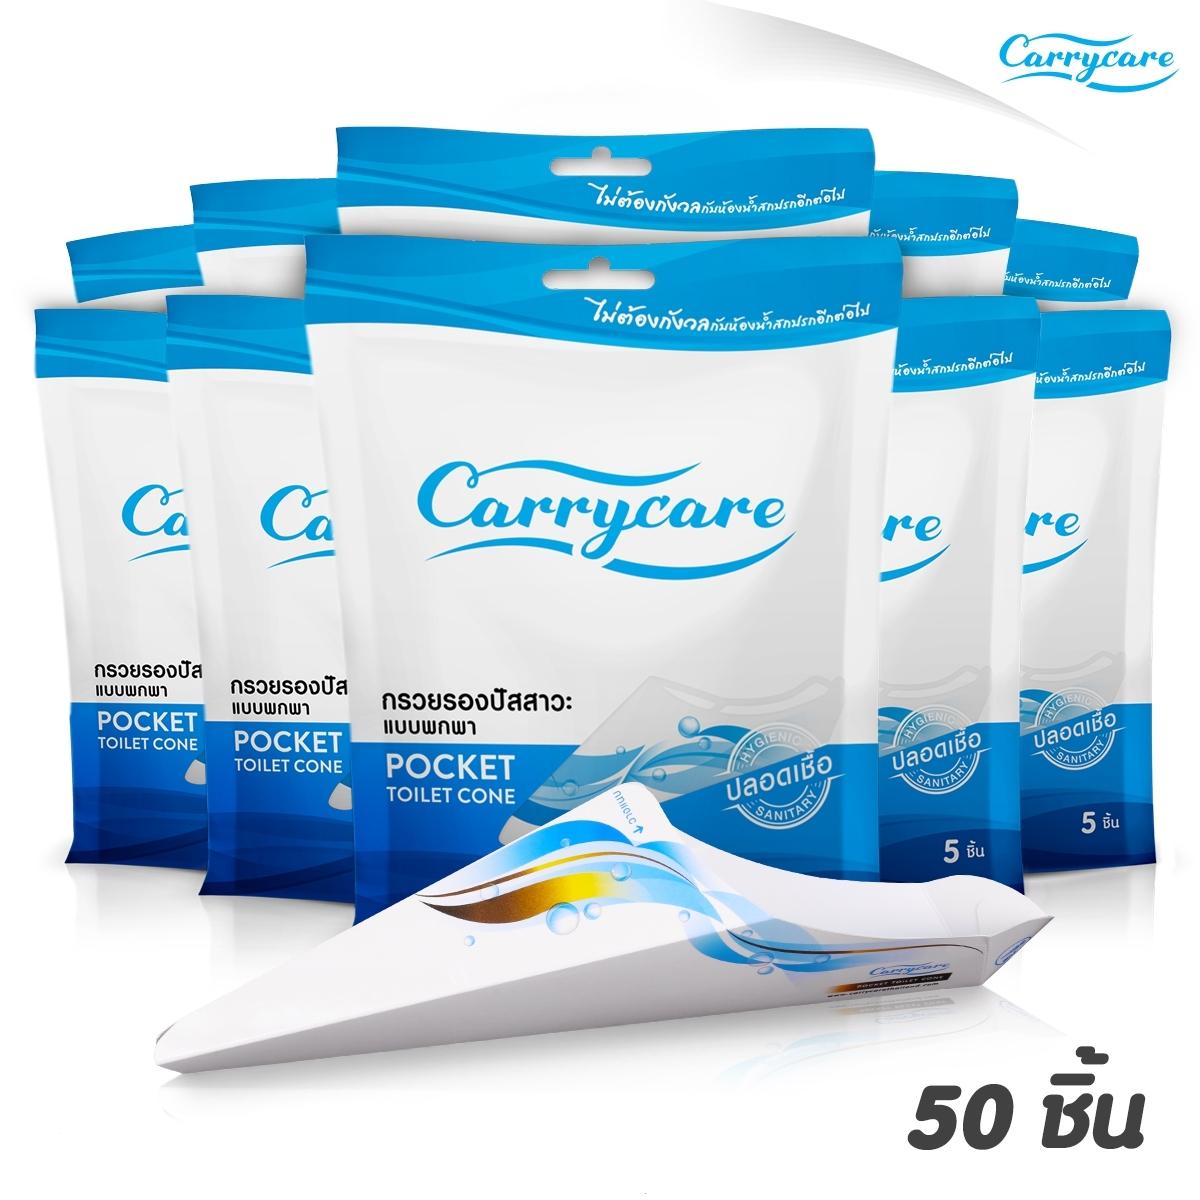 Carrycare - กรวยรองปัสสาวะแบบพกพา (เซต 10 แพ็ค)